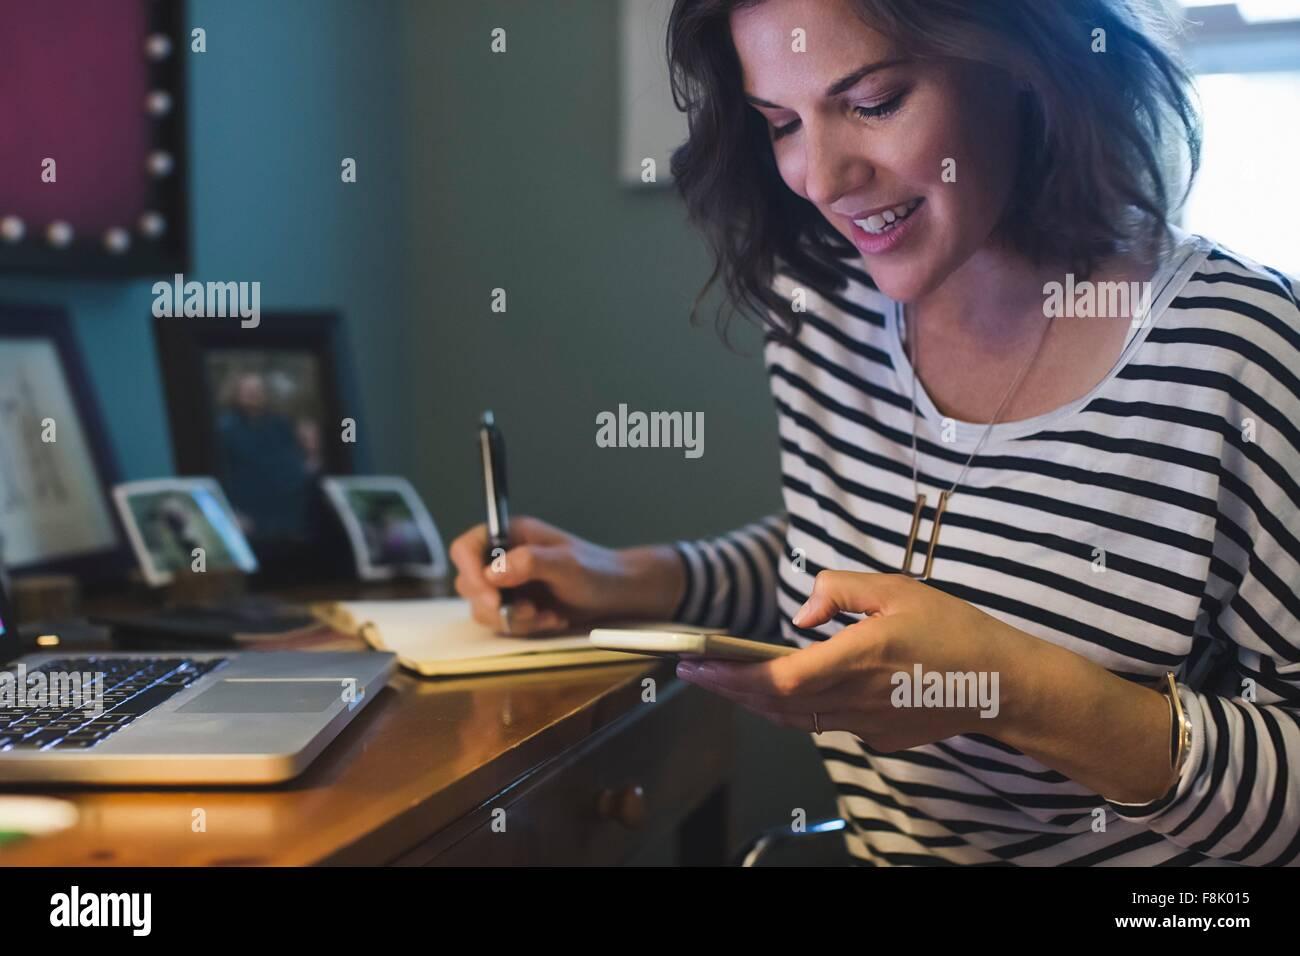 Metà donna adulta alla scrivania, tenendo lo smartphone, iscritto nel libro Immagini Stock